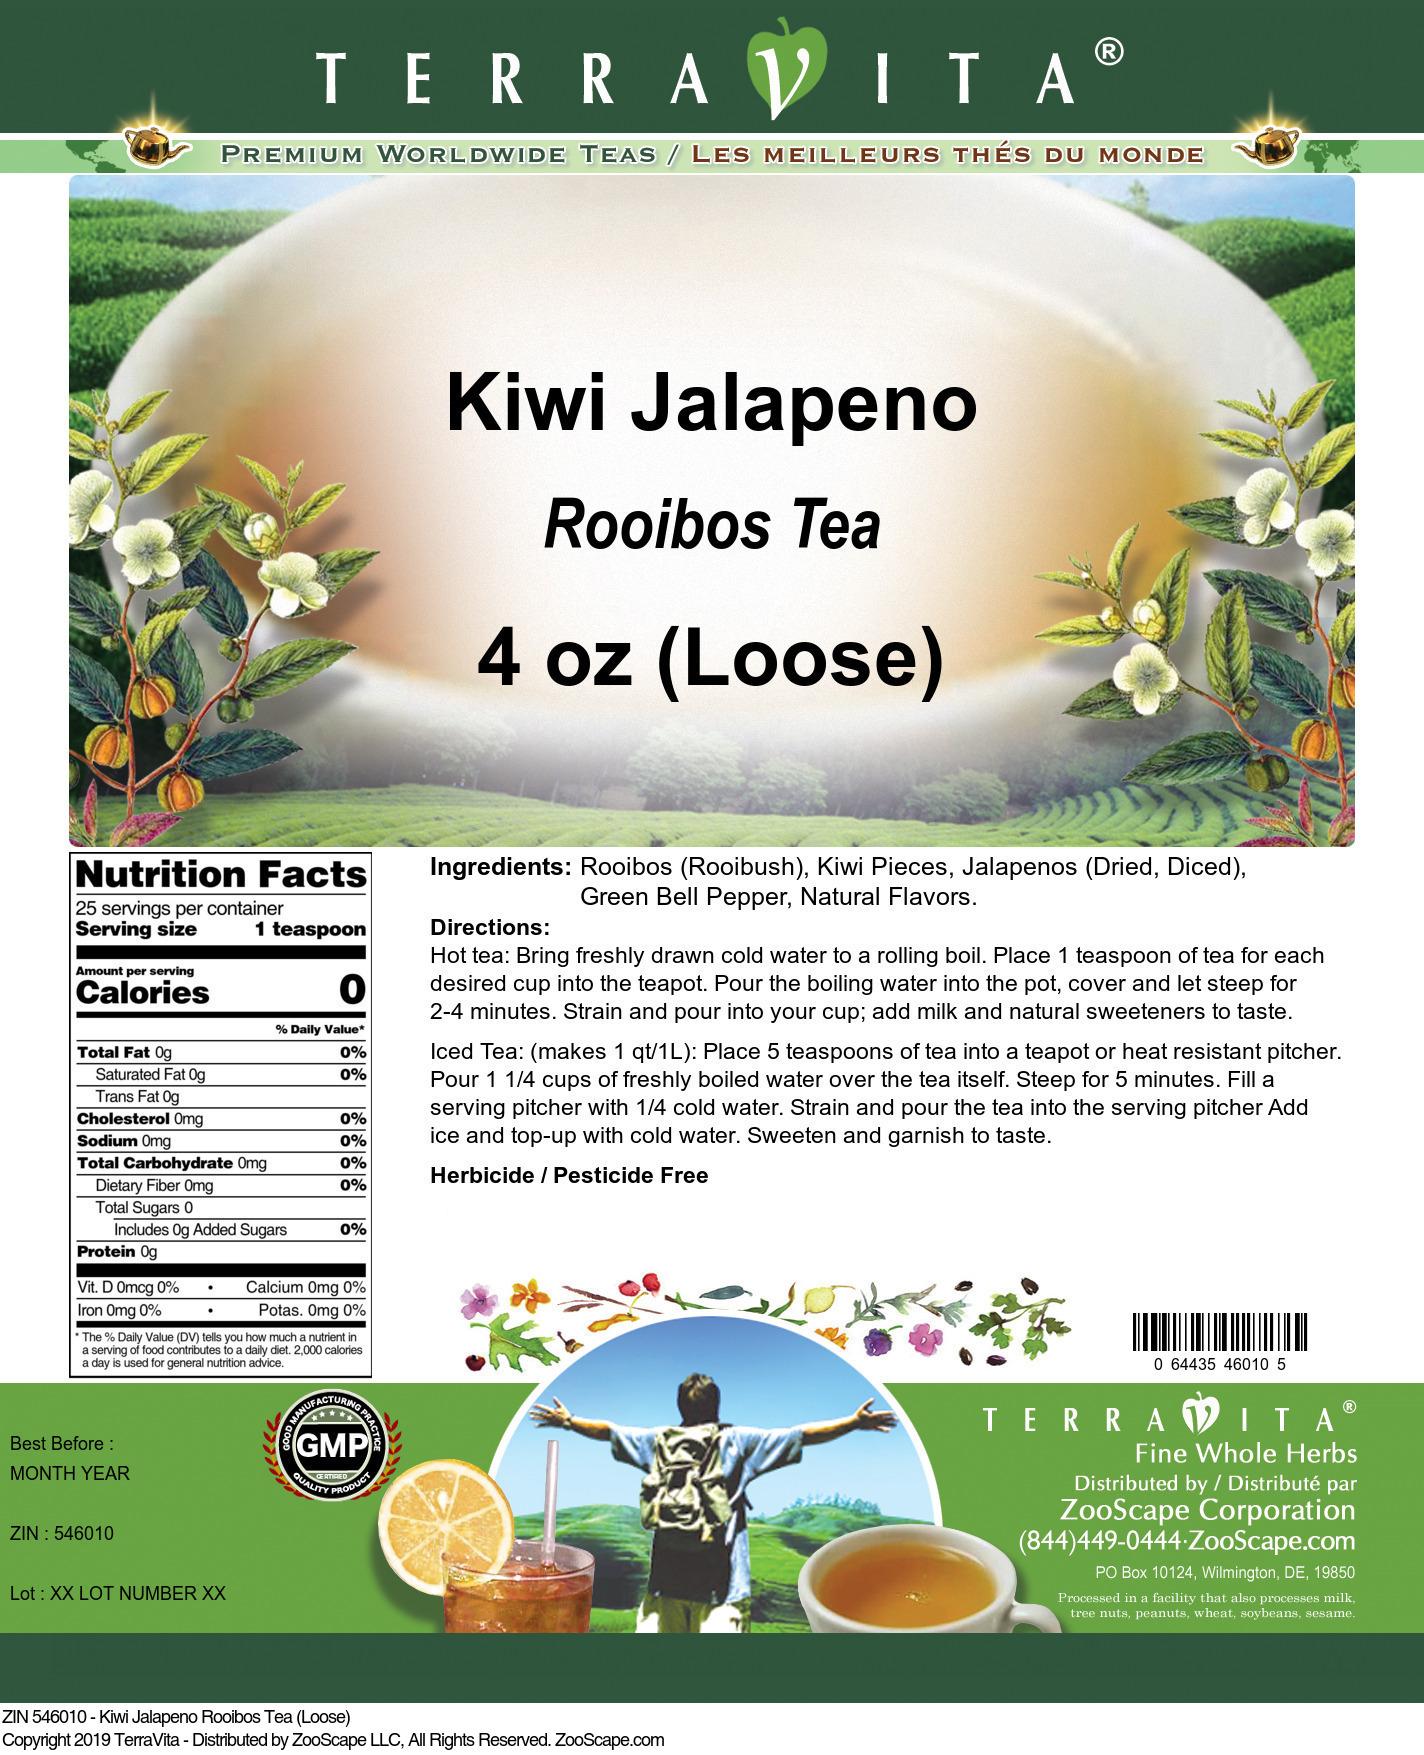 Kiwi Jalapeno Rooibos Tea